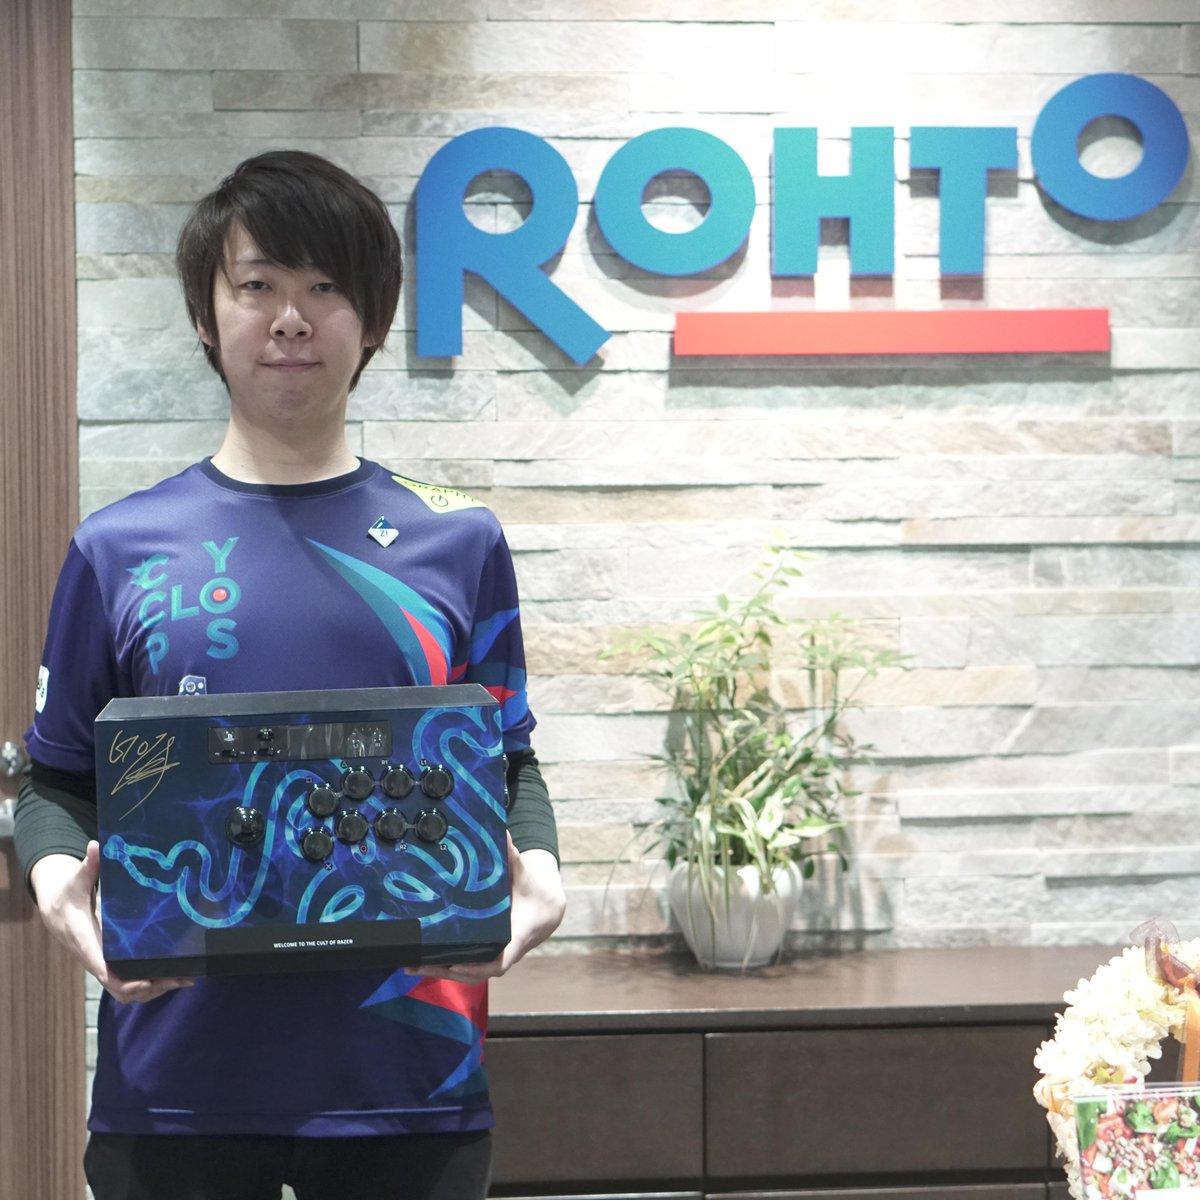 test ツイッターメディア - ロートジーが応援しているプロeスポーツプレイヤーのGO1選手(@GO13151 )がロートオフィスに来訪!皆さんへのプレゼントとしてサイン入りコントローラーとTシャツを頂きました!1名限定です! 応募は @eyecare_cp をフォロー&この投稿をRT(11月30日締切)♪ GO1選手、今後のご活躍も応援しています https://t.co/1x9FPTNzYw